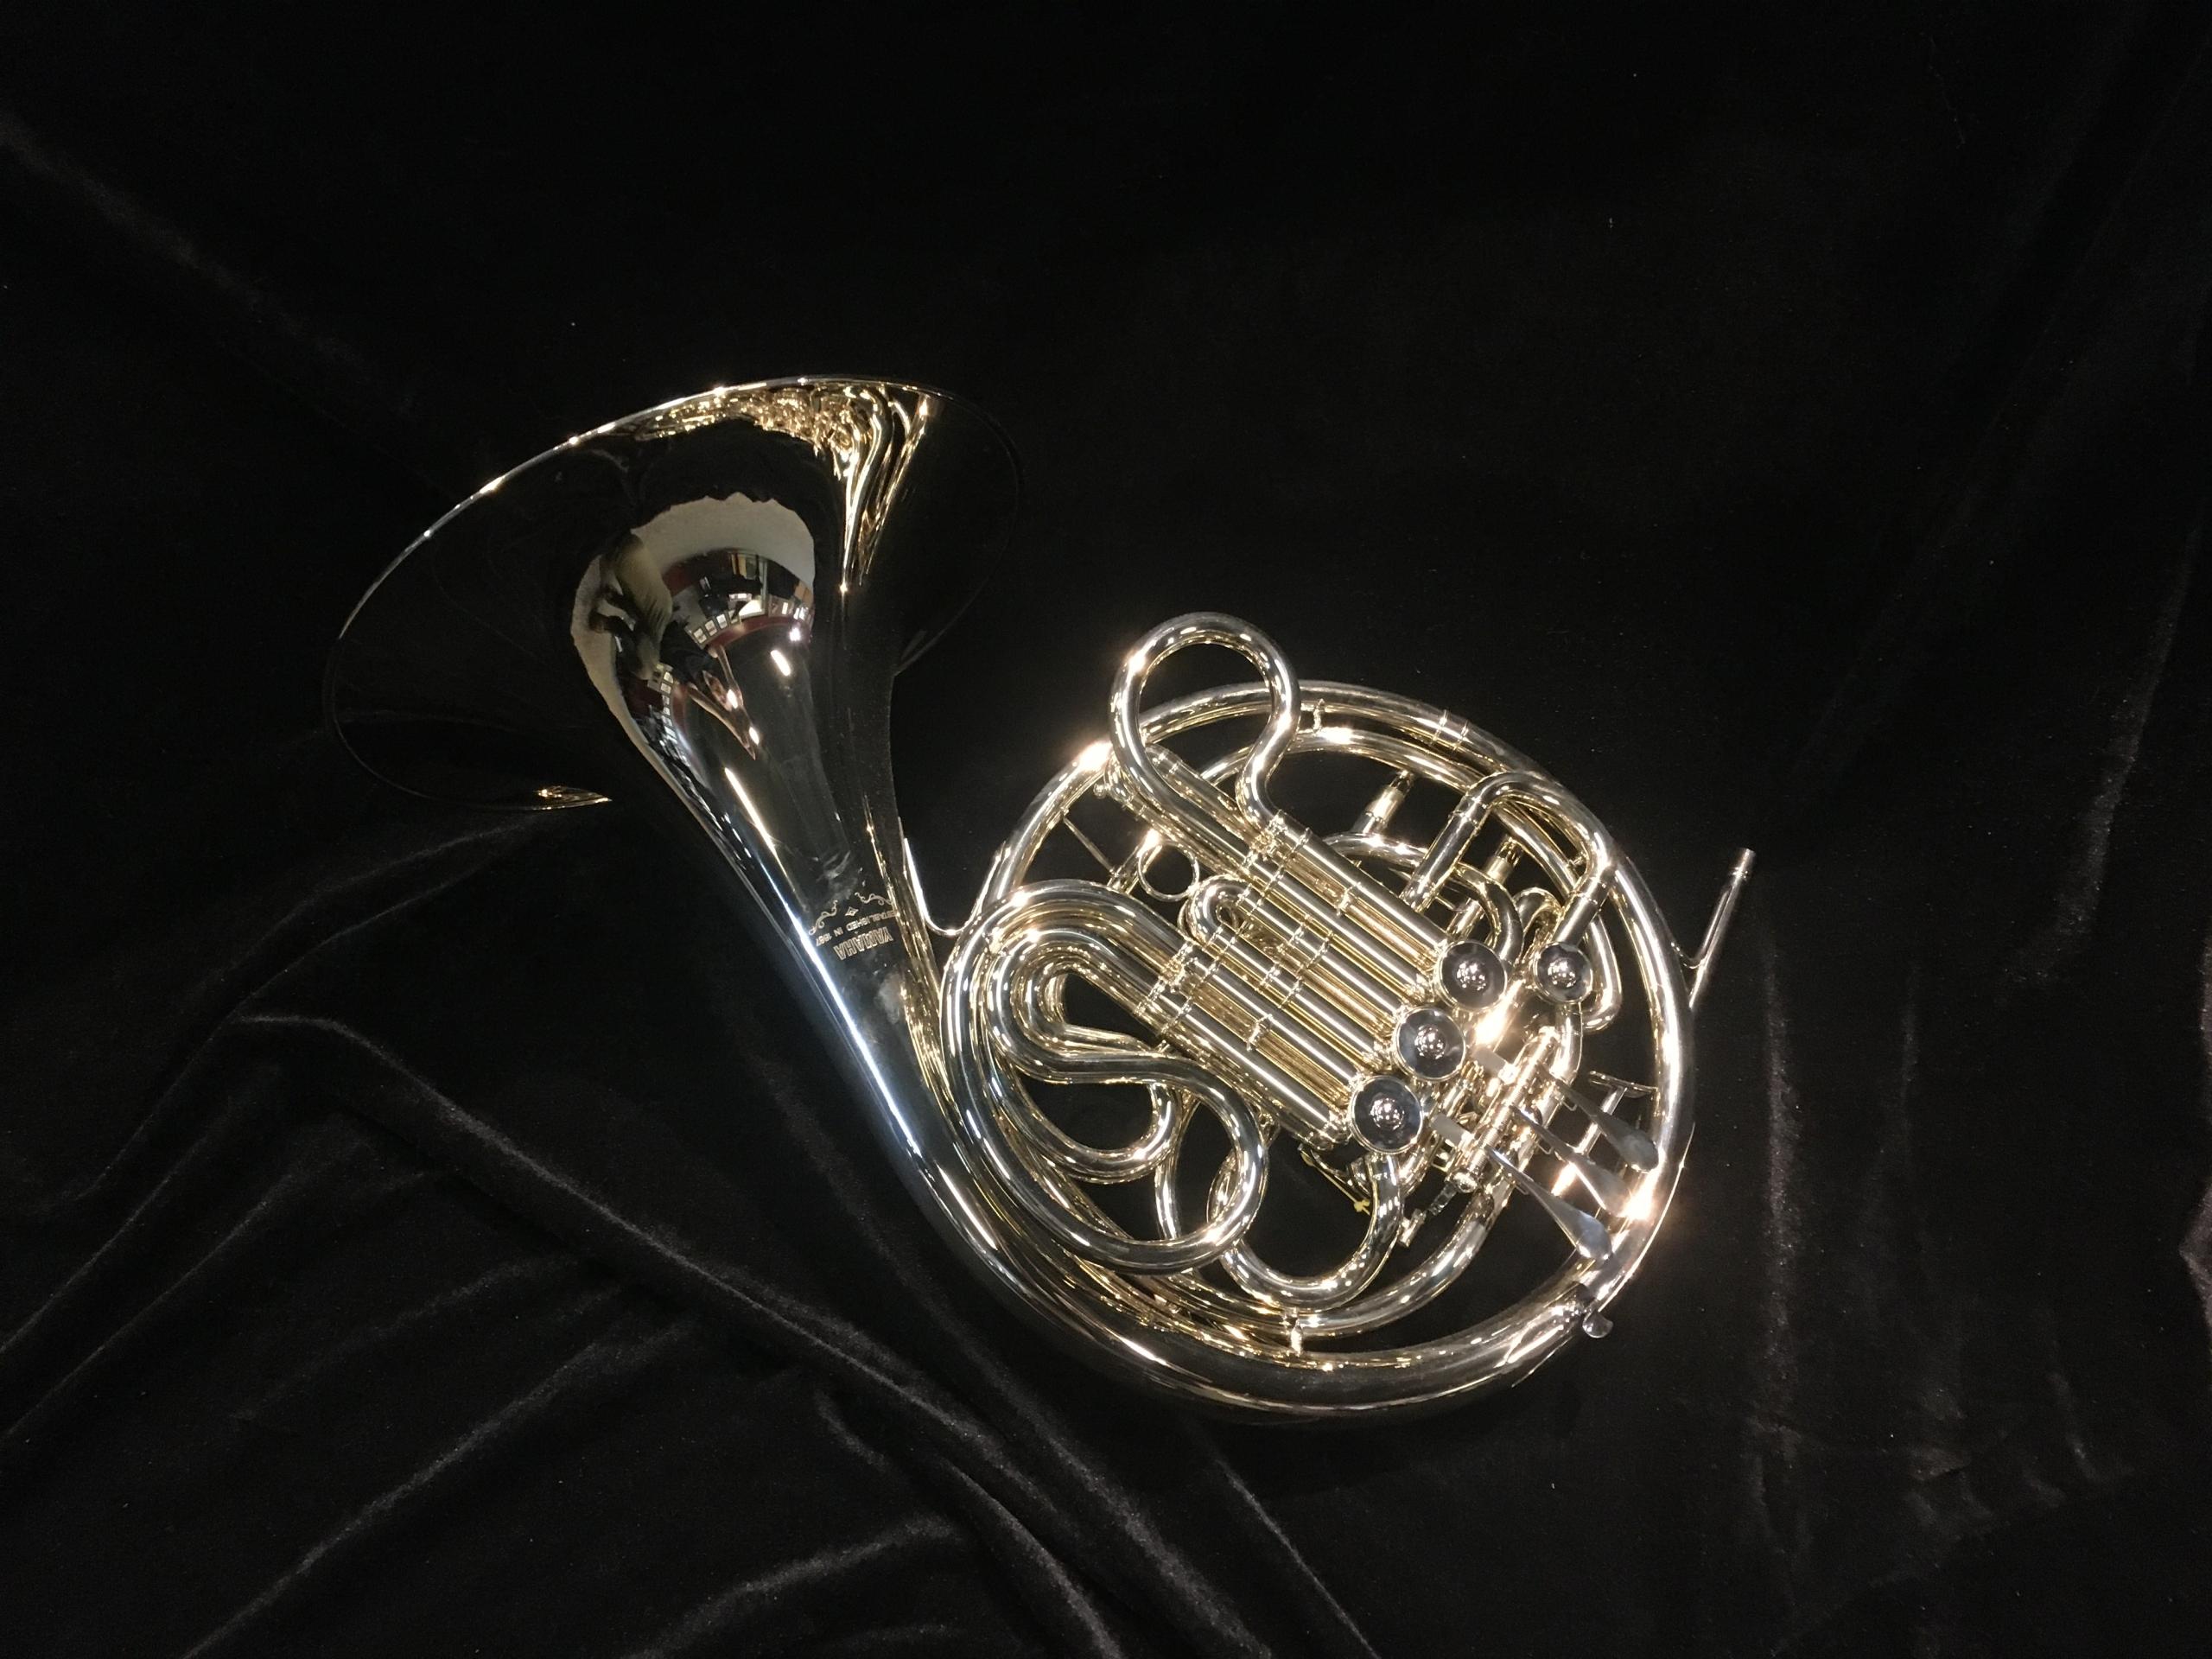 Used Yamaha French Horn